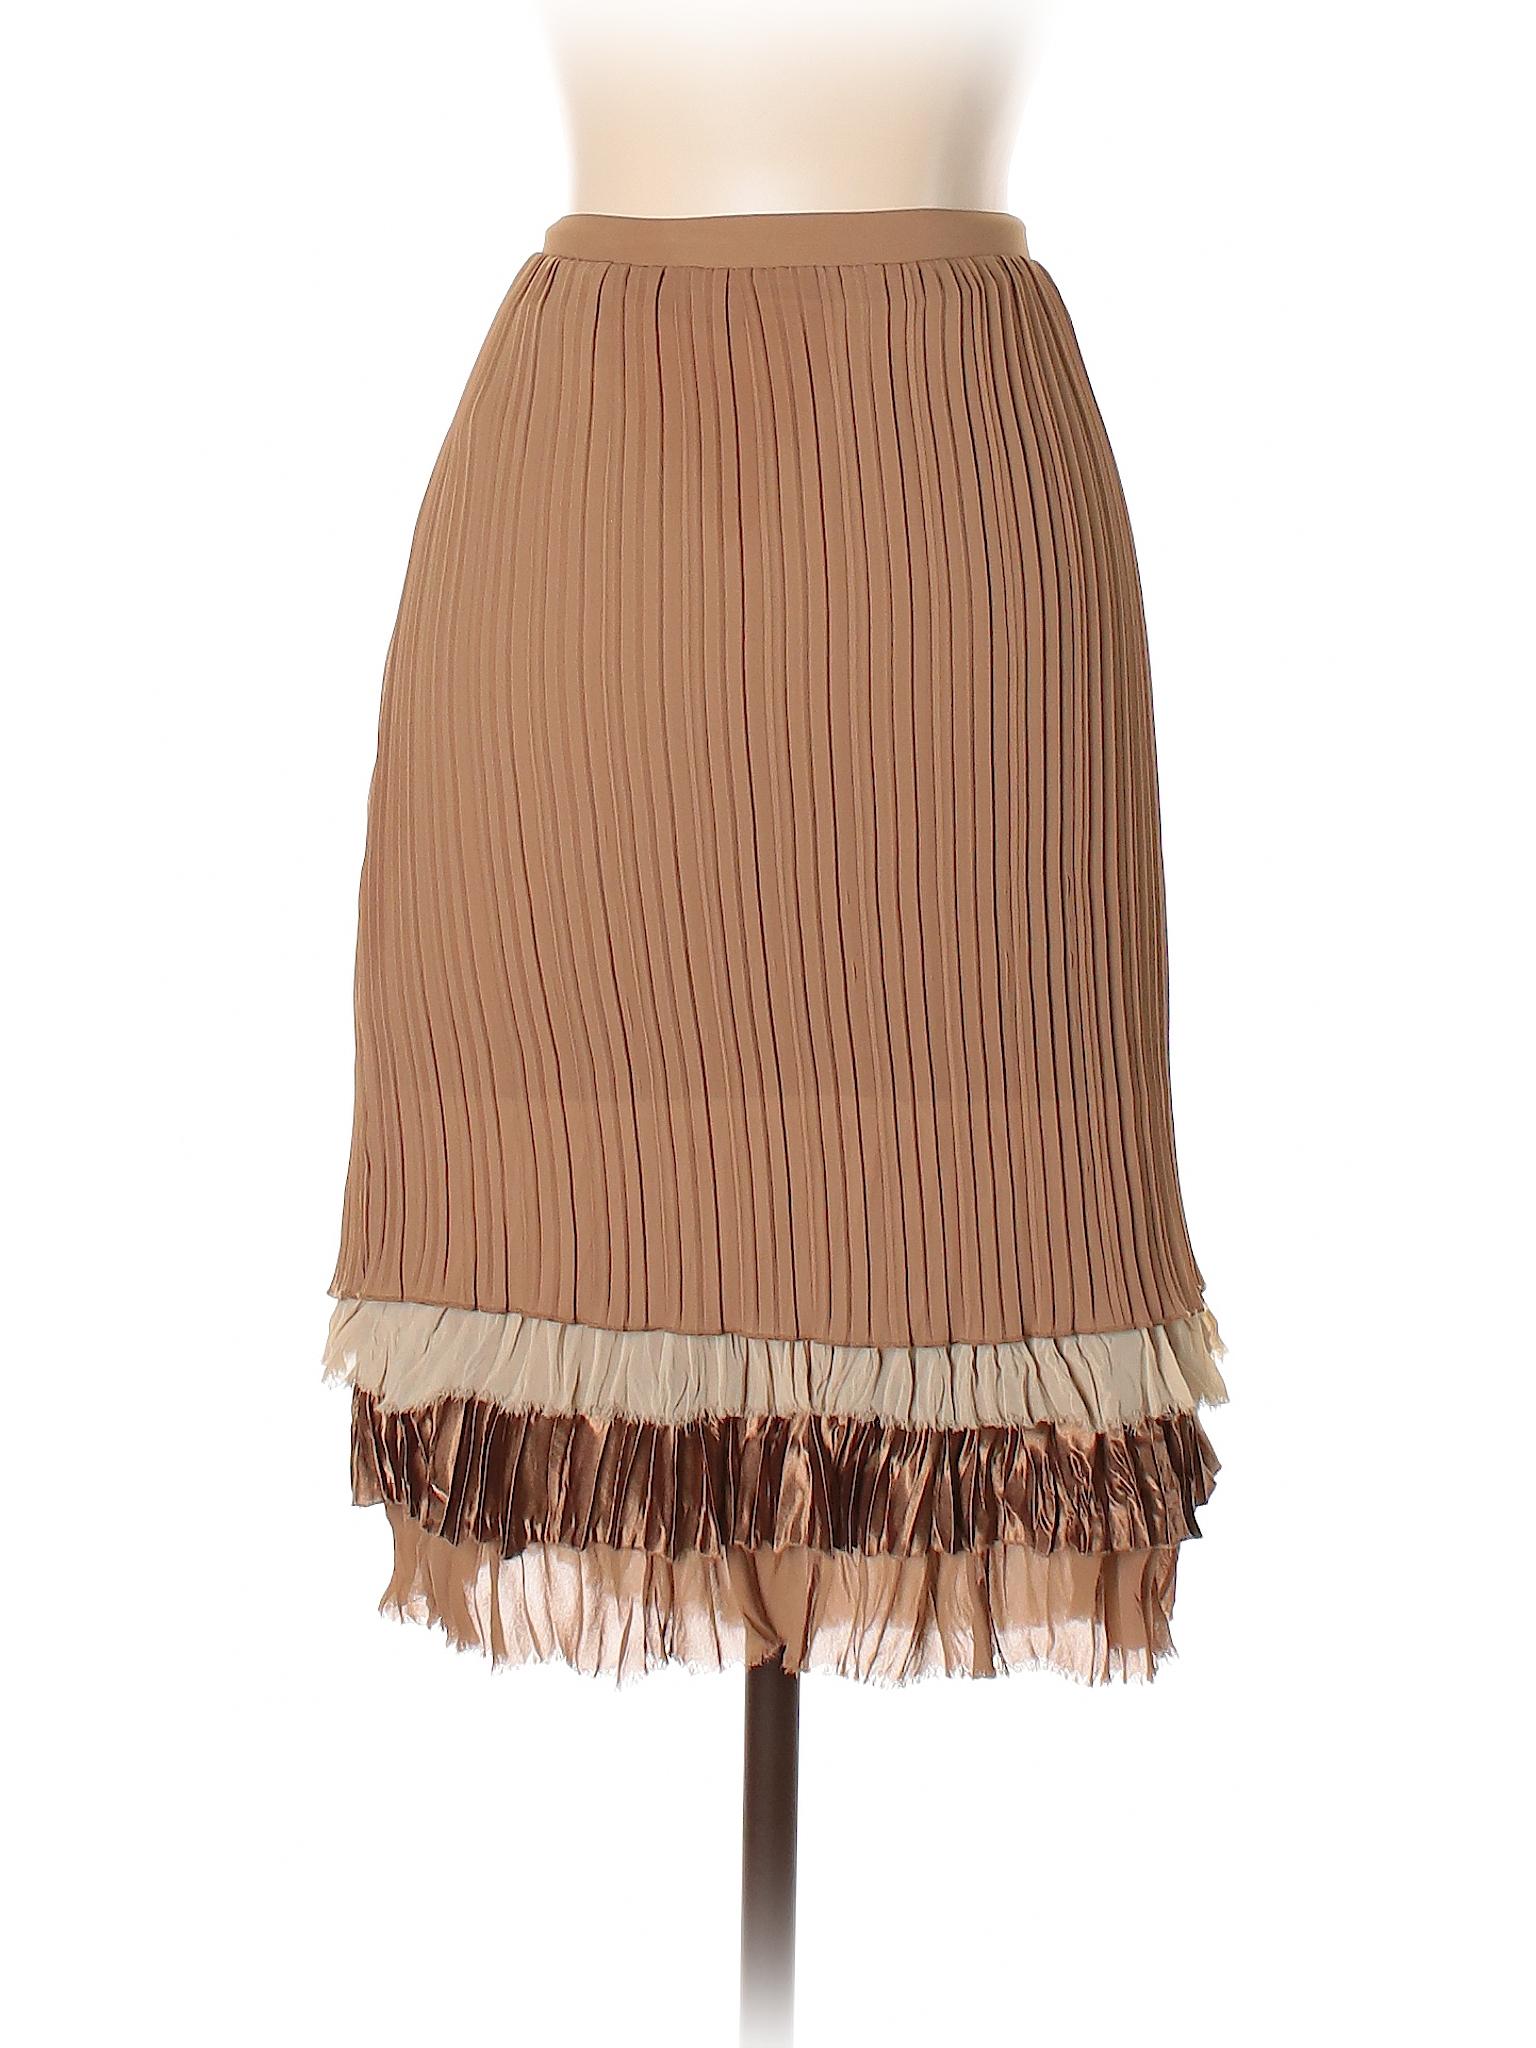 Casual Boutique Skirt Boutique Boutique Casual Casual Skirt Skirt HgETTqSw